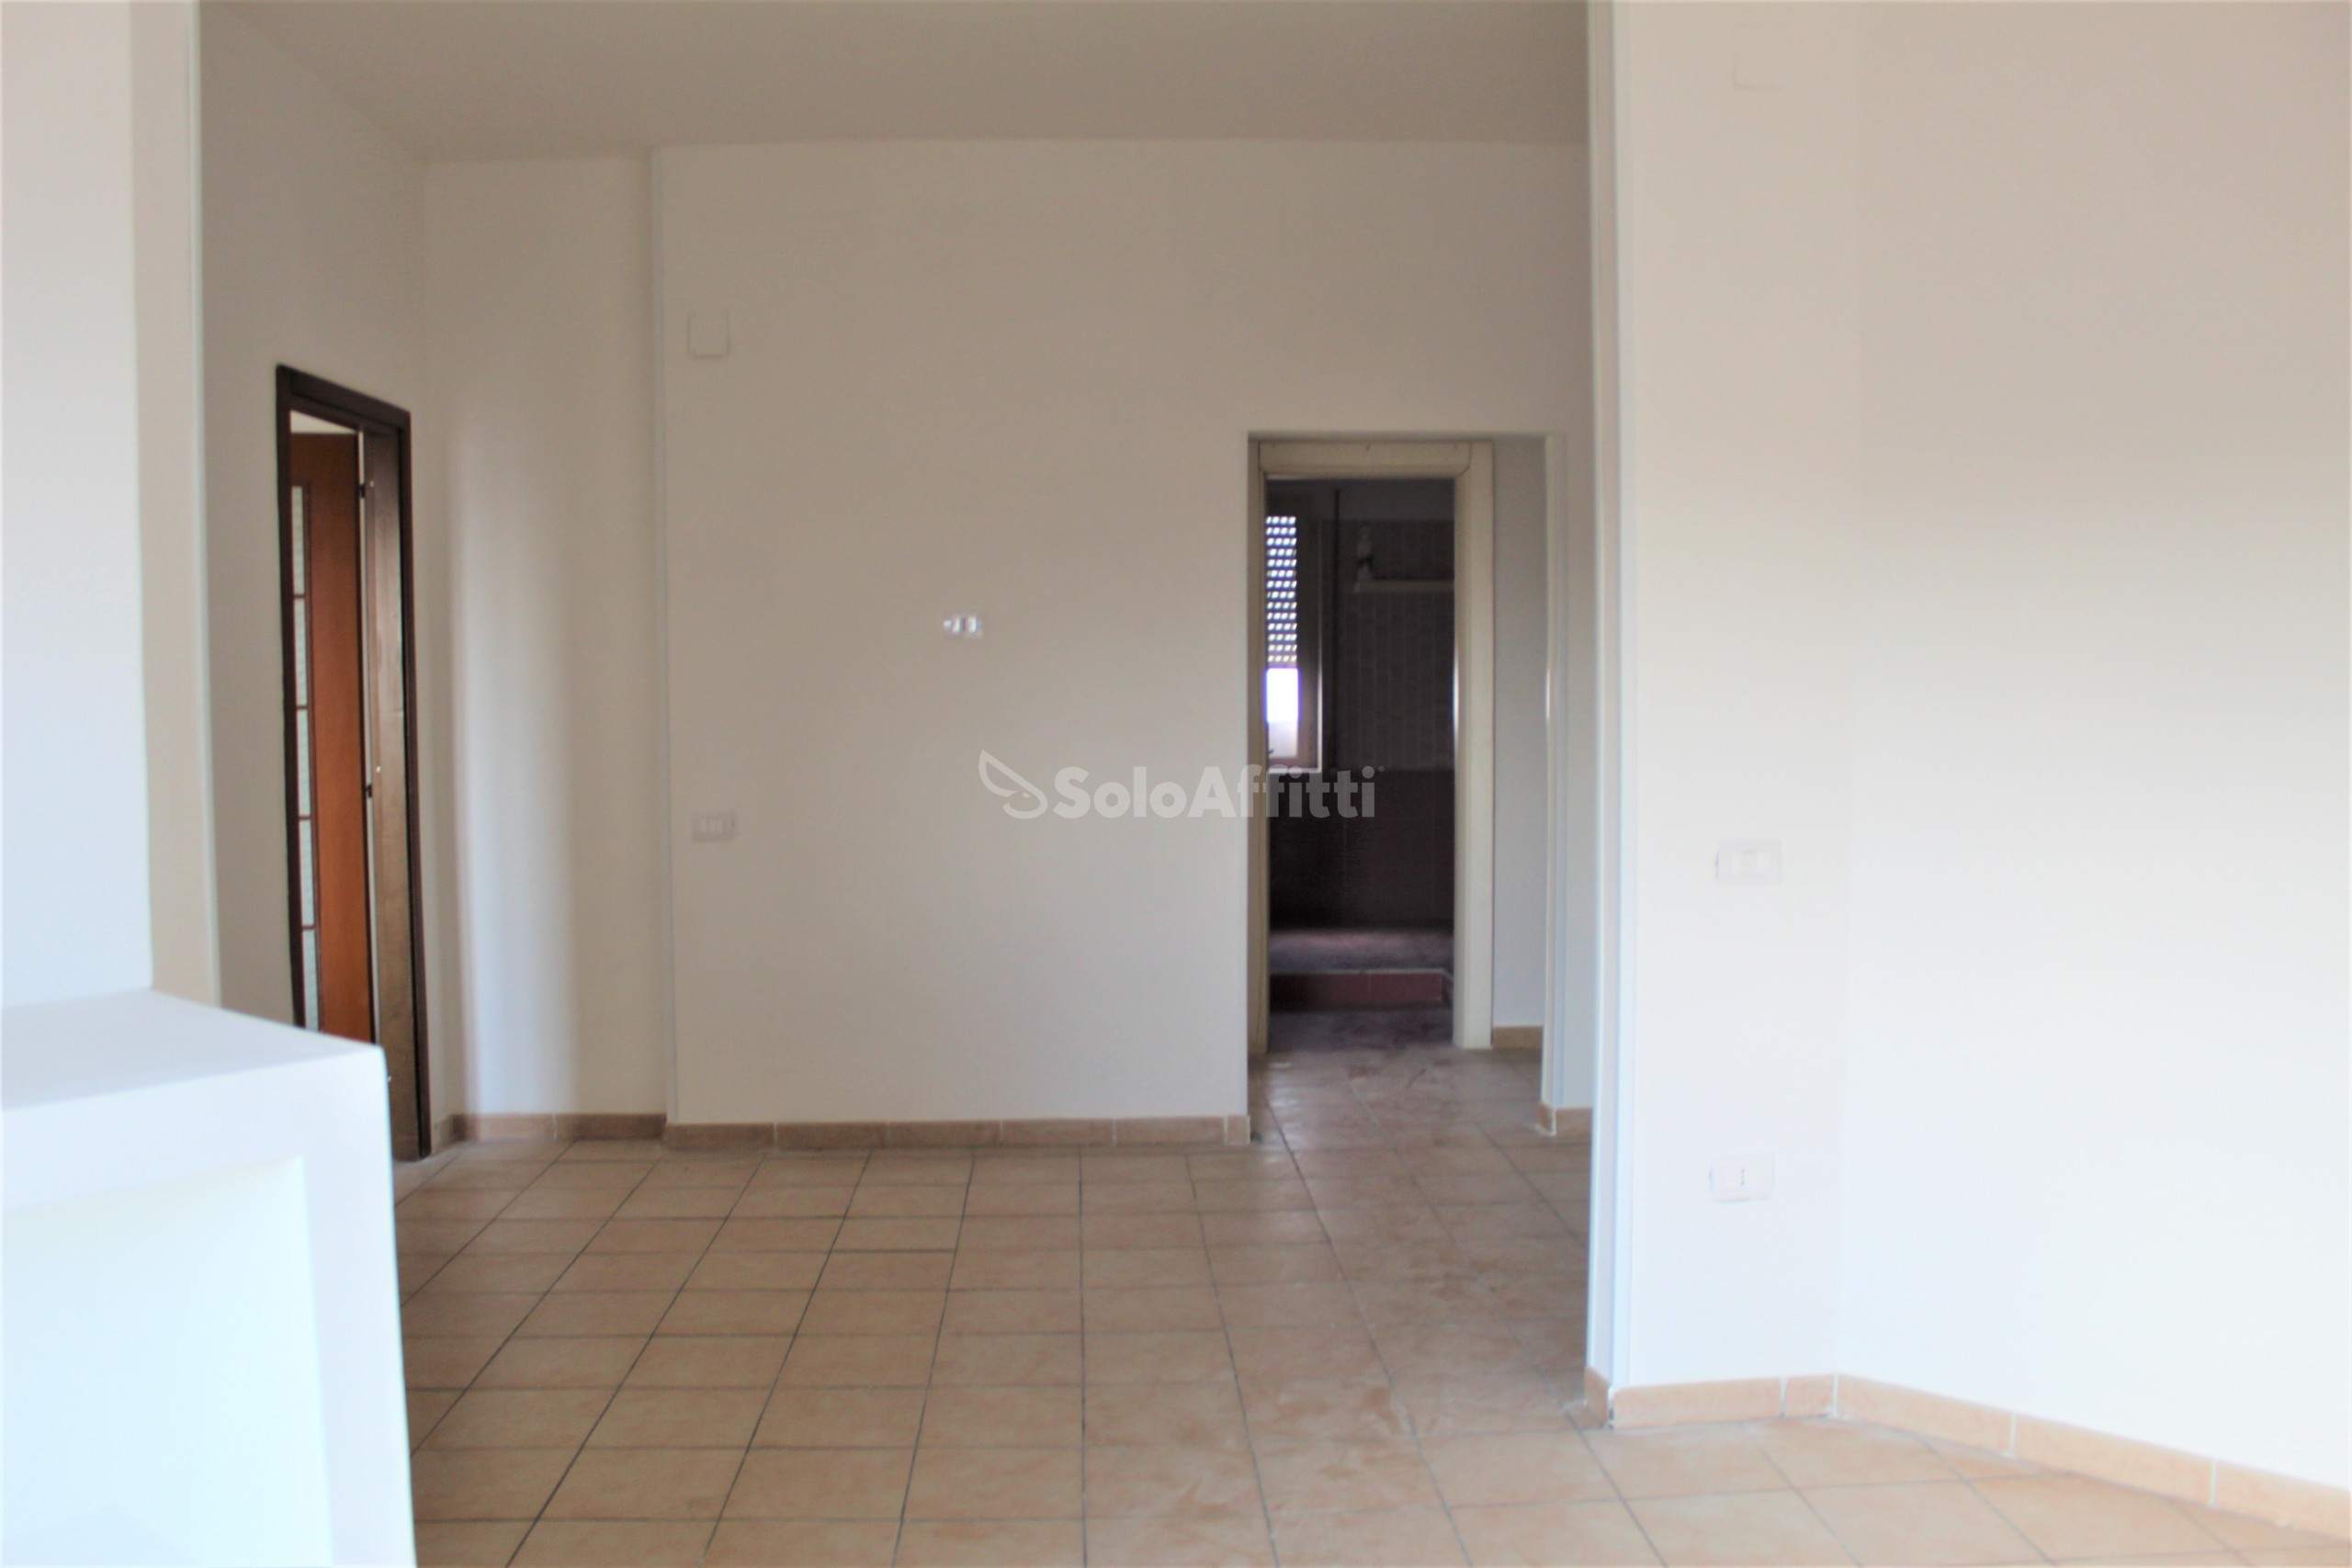 Appartamento Trilocale 98 mq.